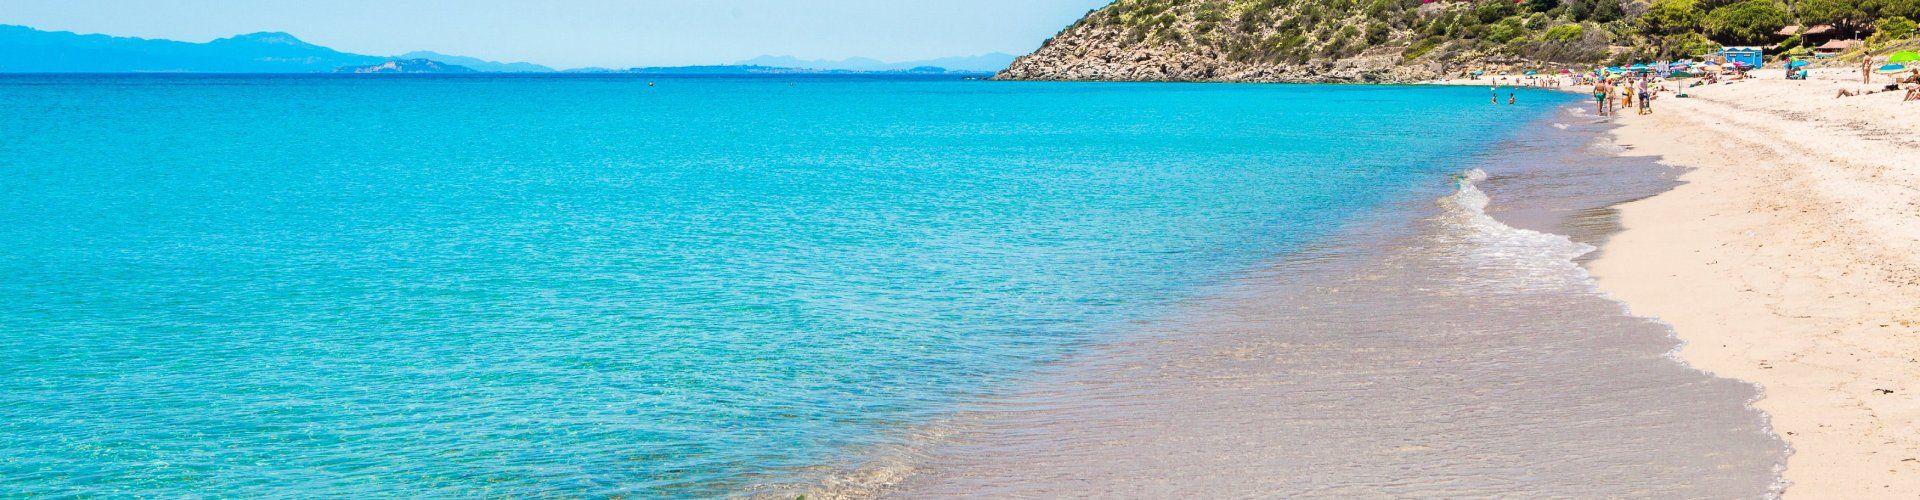 Strand Geremeas mit glasklarem Wasser und Torre delle Stelle im Hintergrund